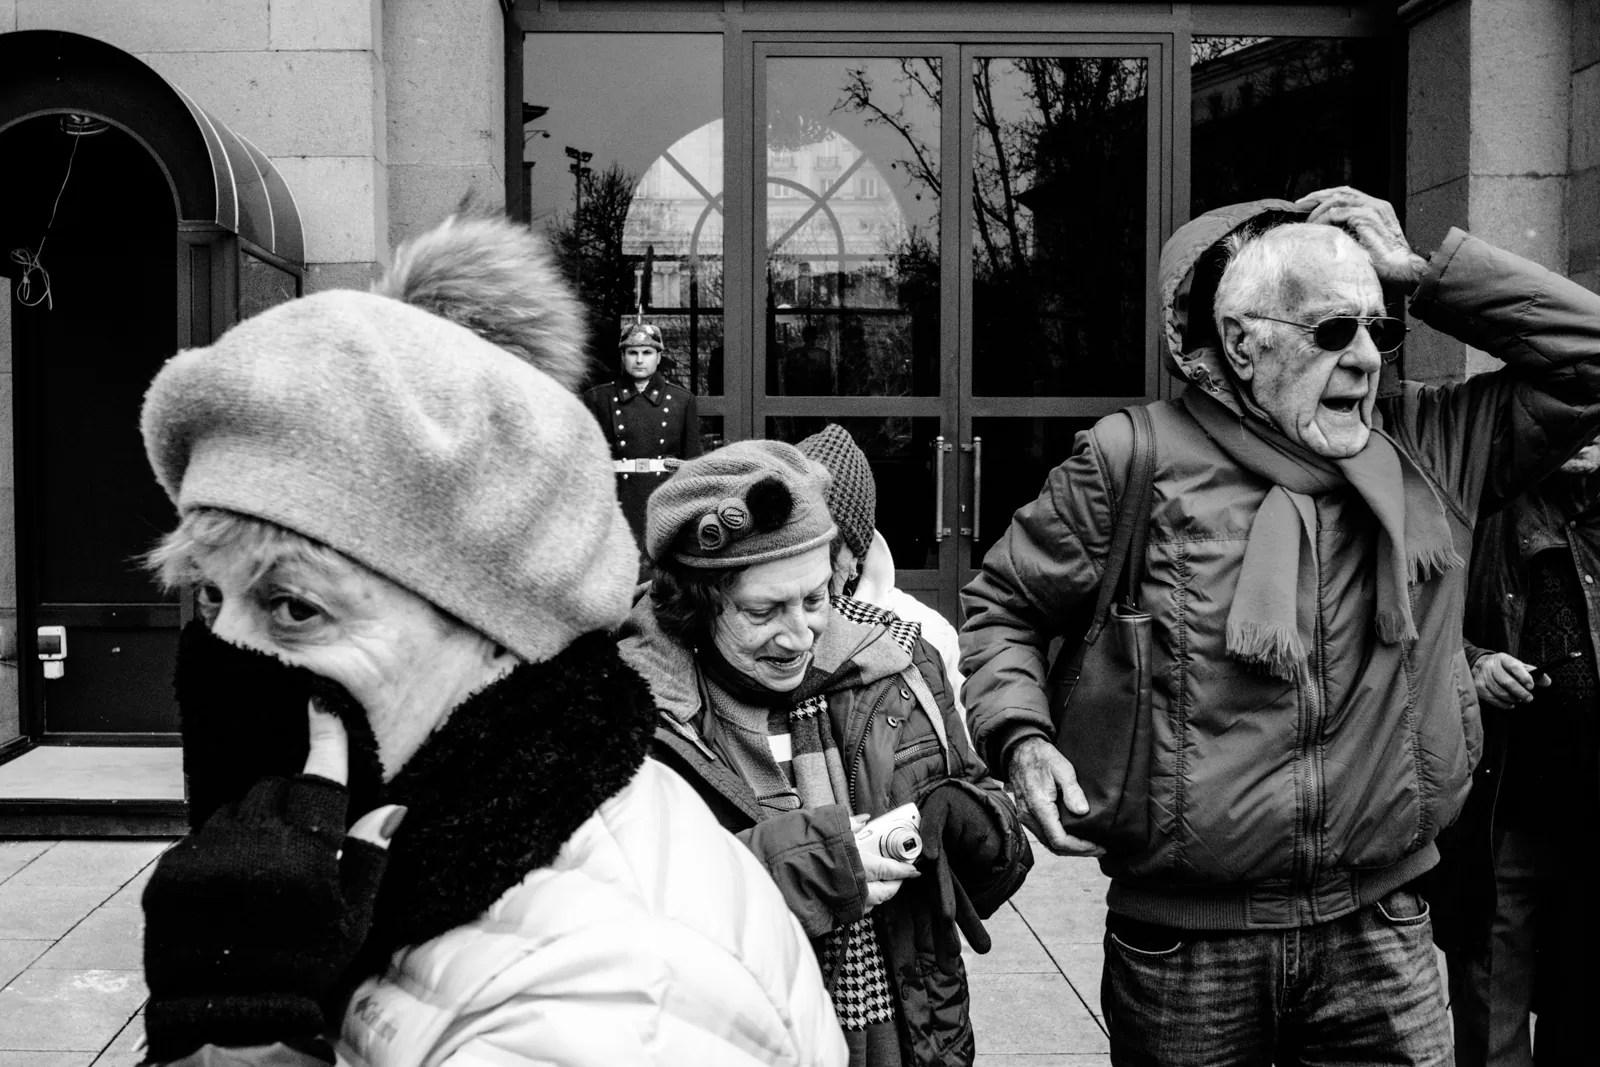 DSCF5346 - Un amore a primo scatto! Voigtlander e la Street Photography - fotostreet.it